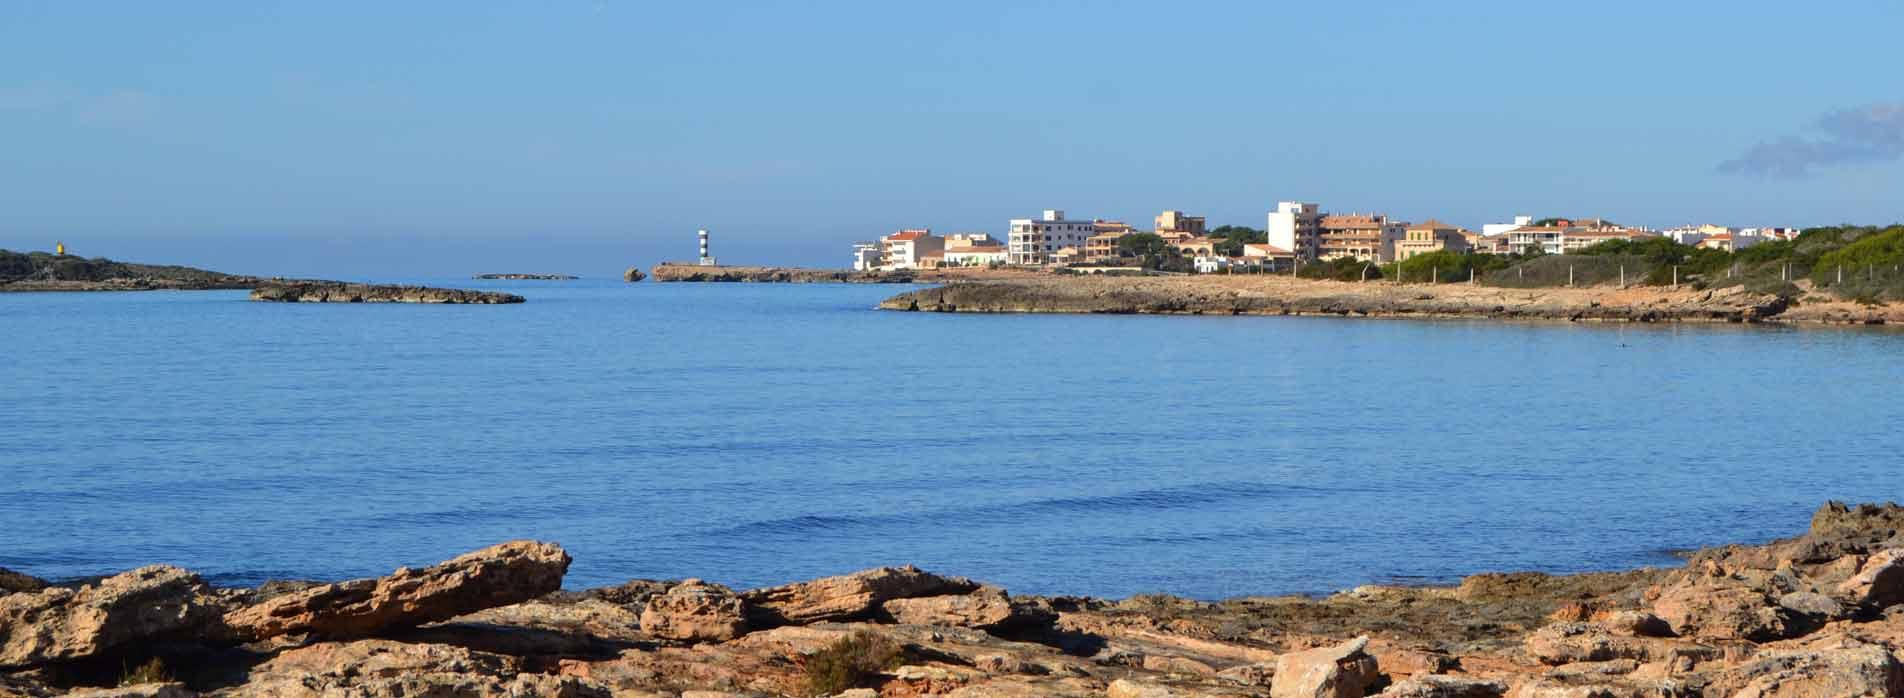 Foto cabecera inmobiliaria Sud Mallorca Abril 2018 - Casas en venta en la Colonia de Sant Jordi